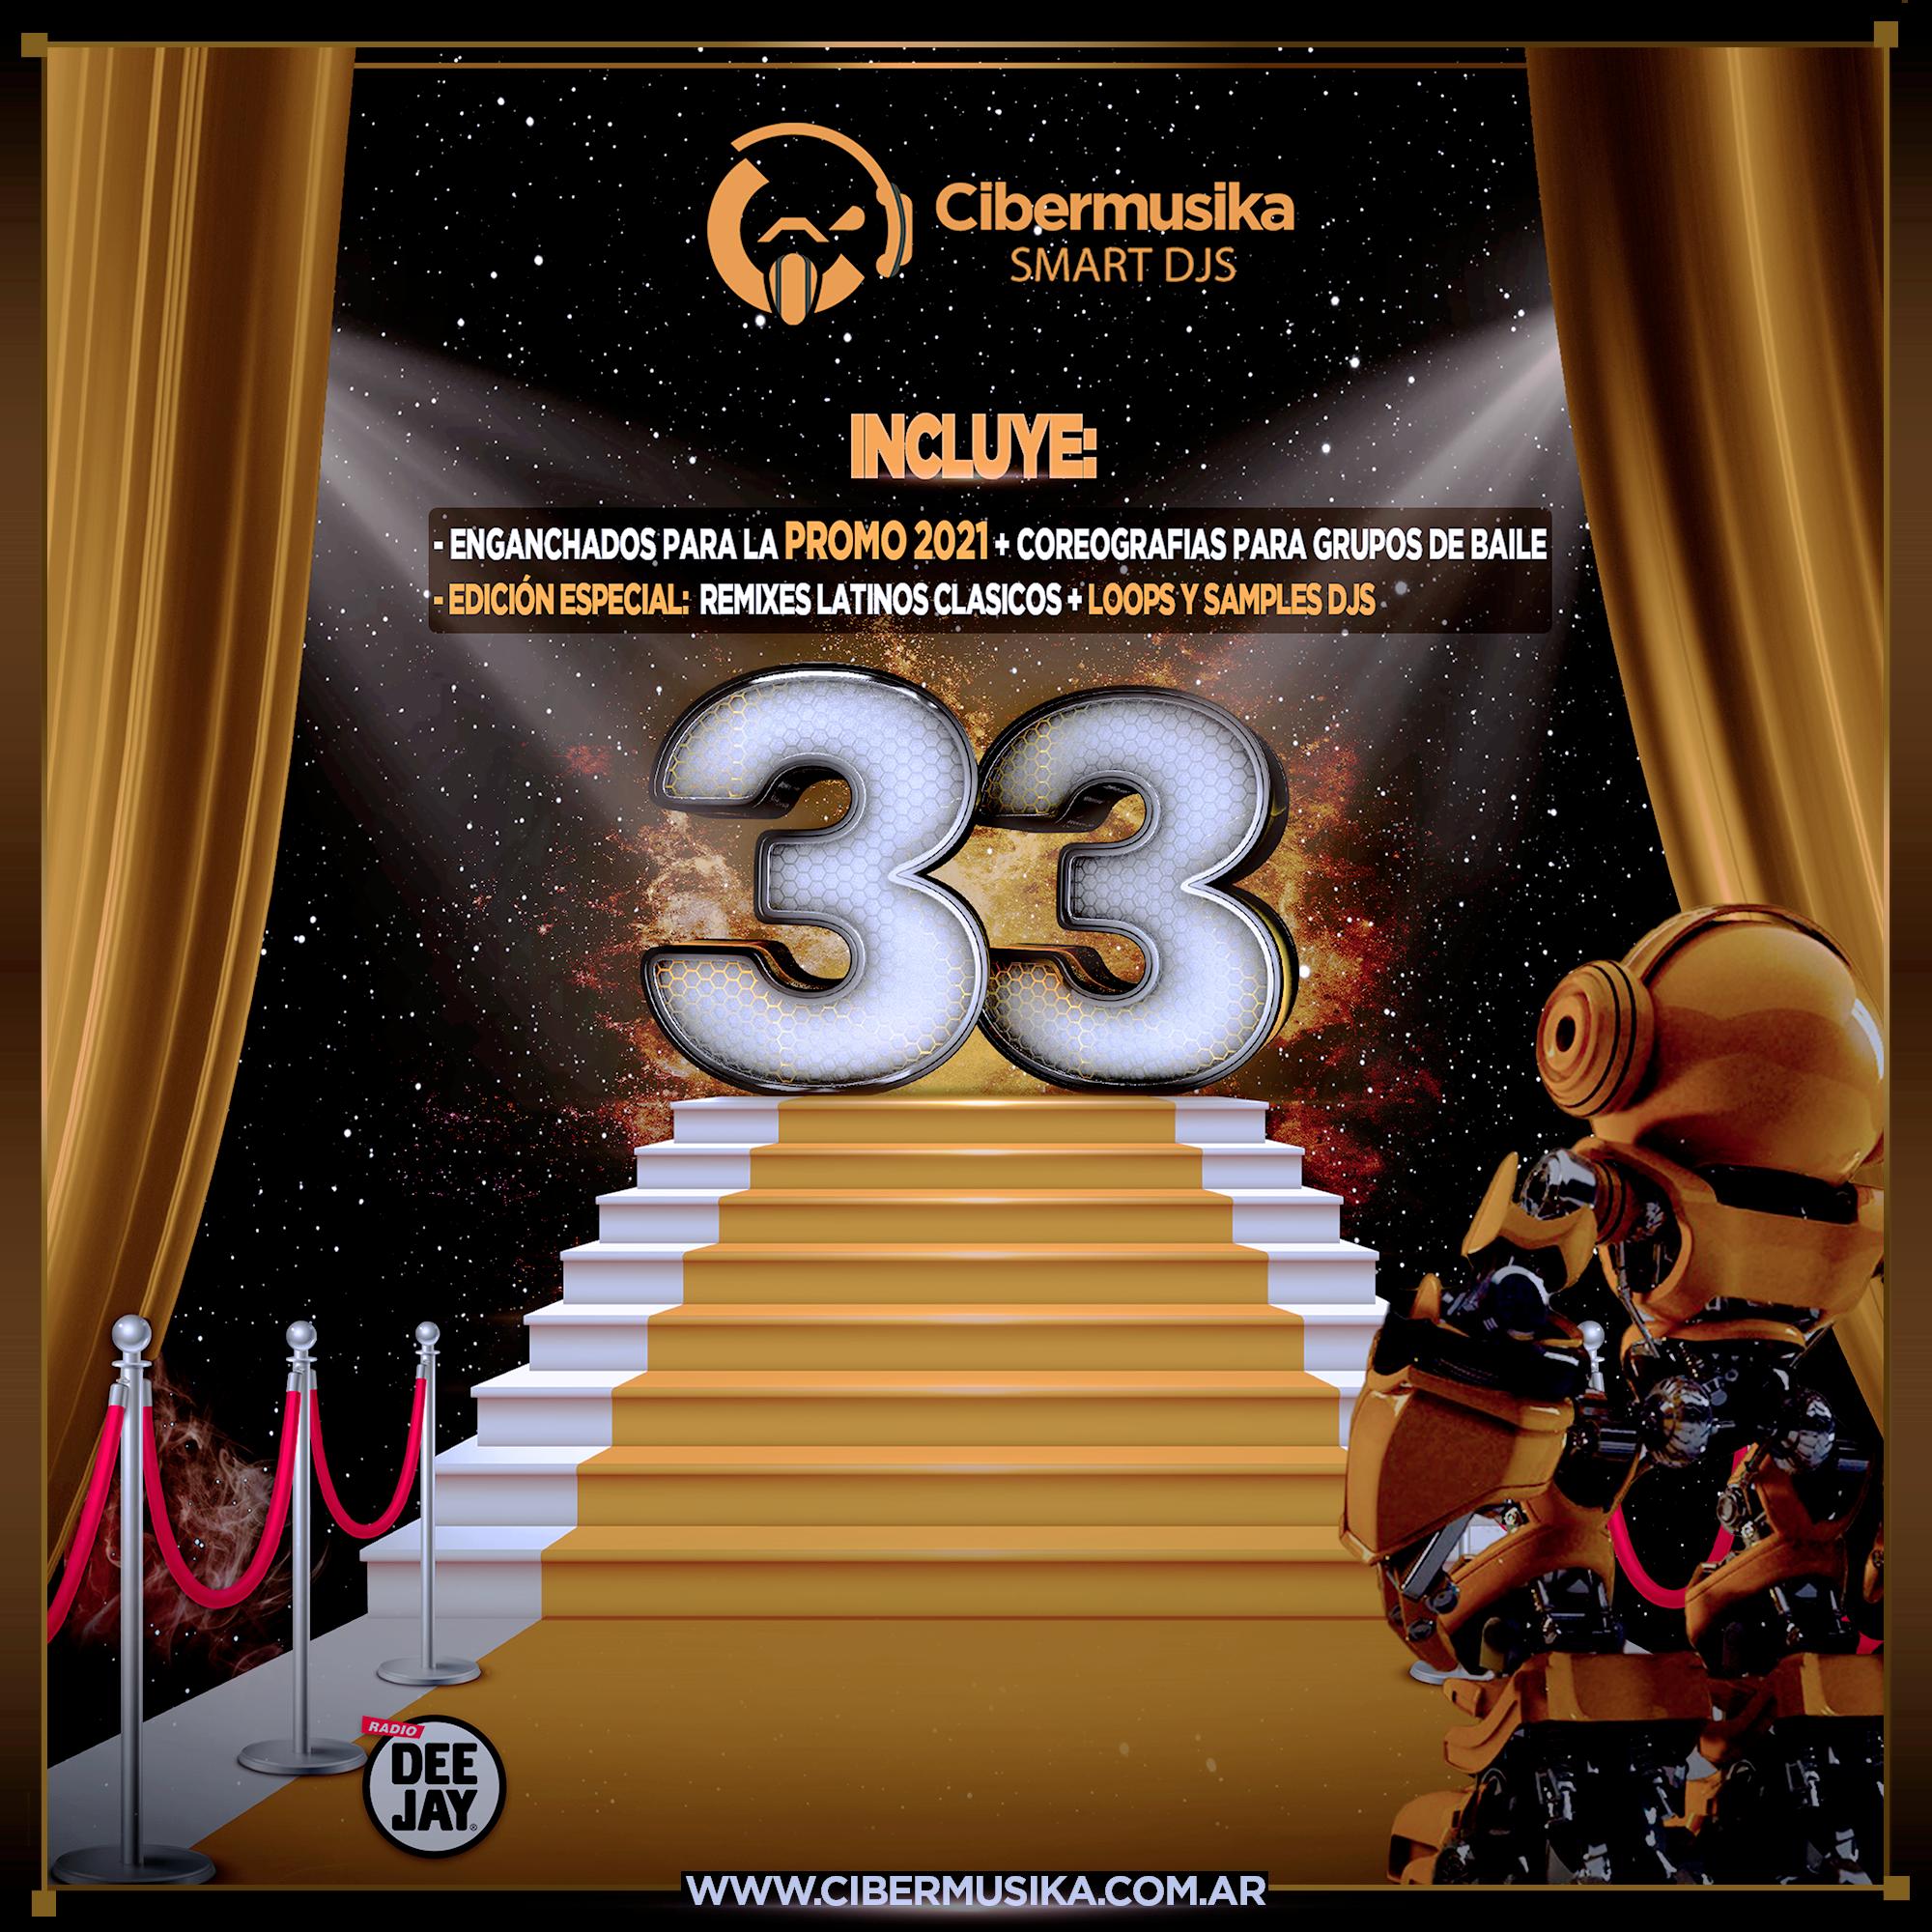 SMARTDJS 33 - Cibermusika (FULL)